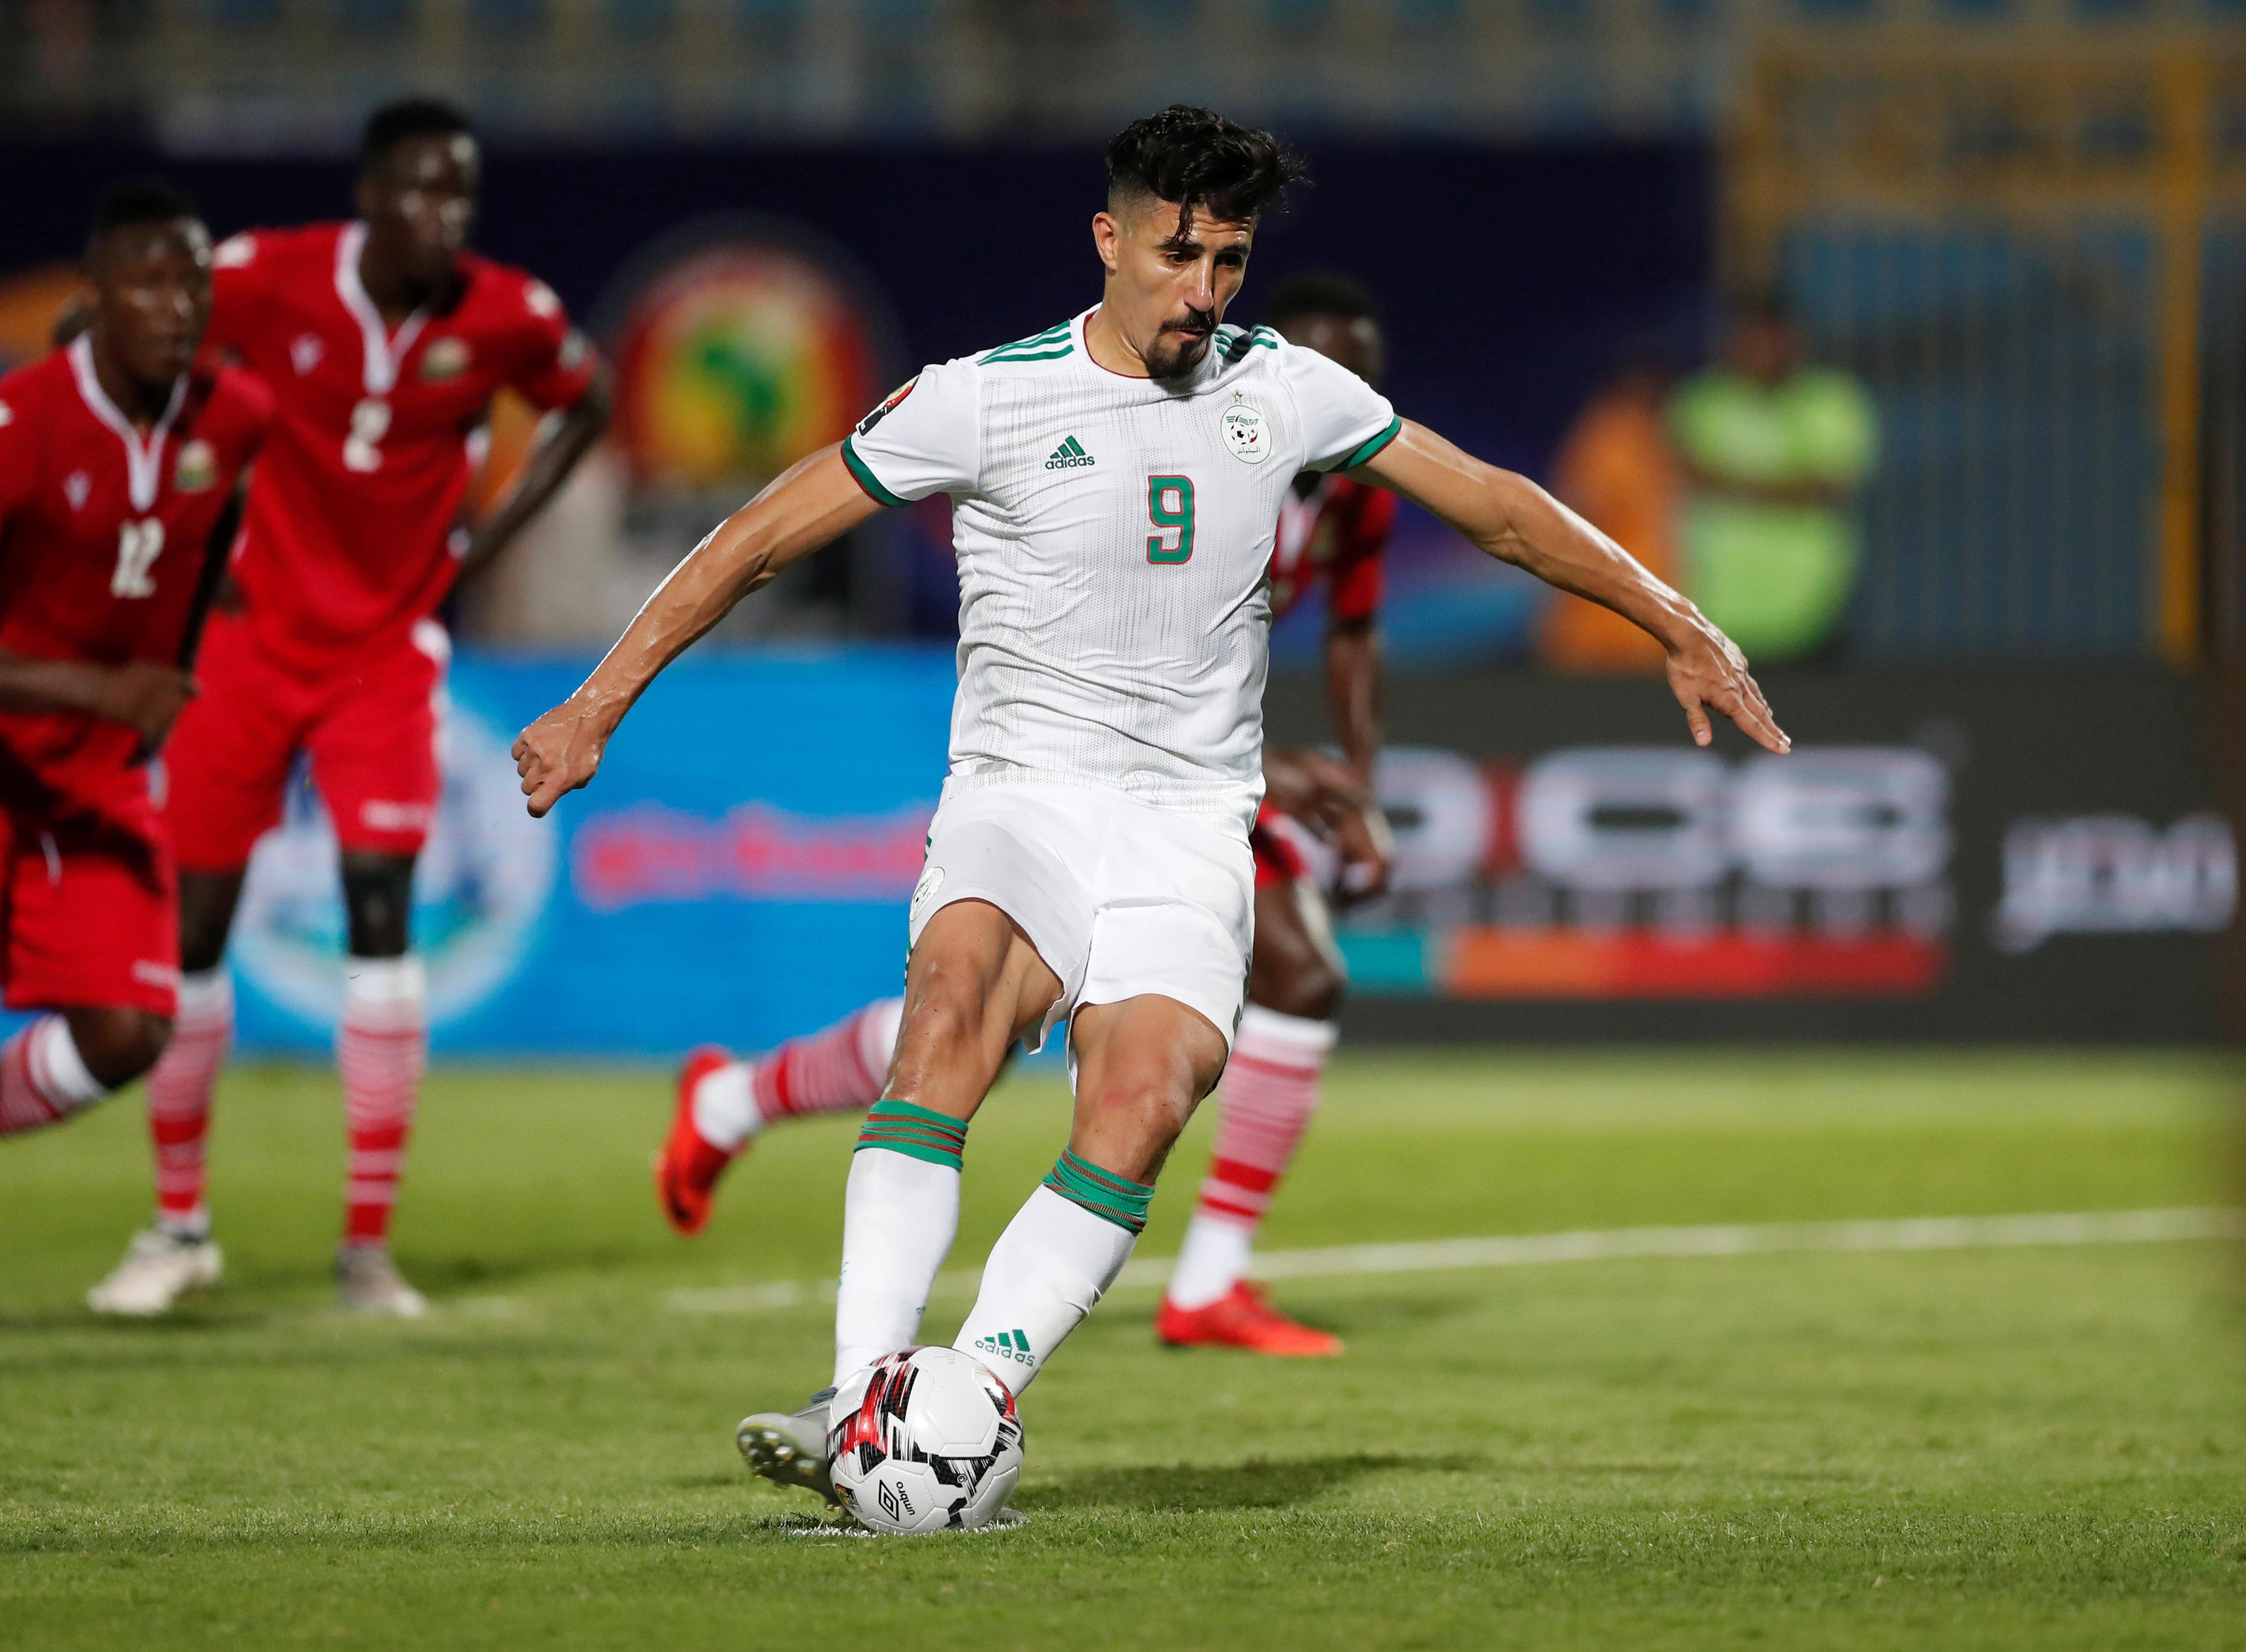 بونجاح: الجزائر قادرة على الوصول لأبعد نقطة بكأس الأمم